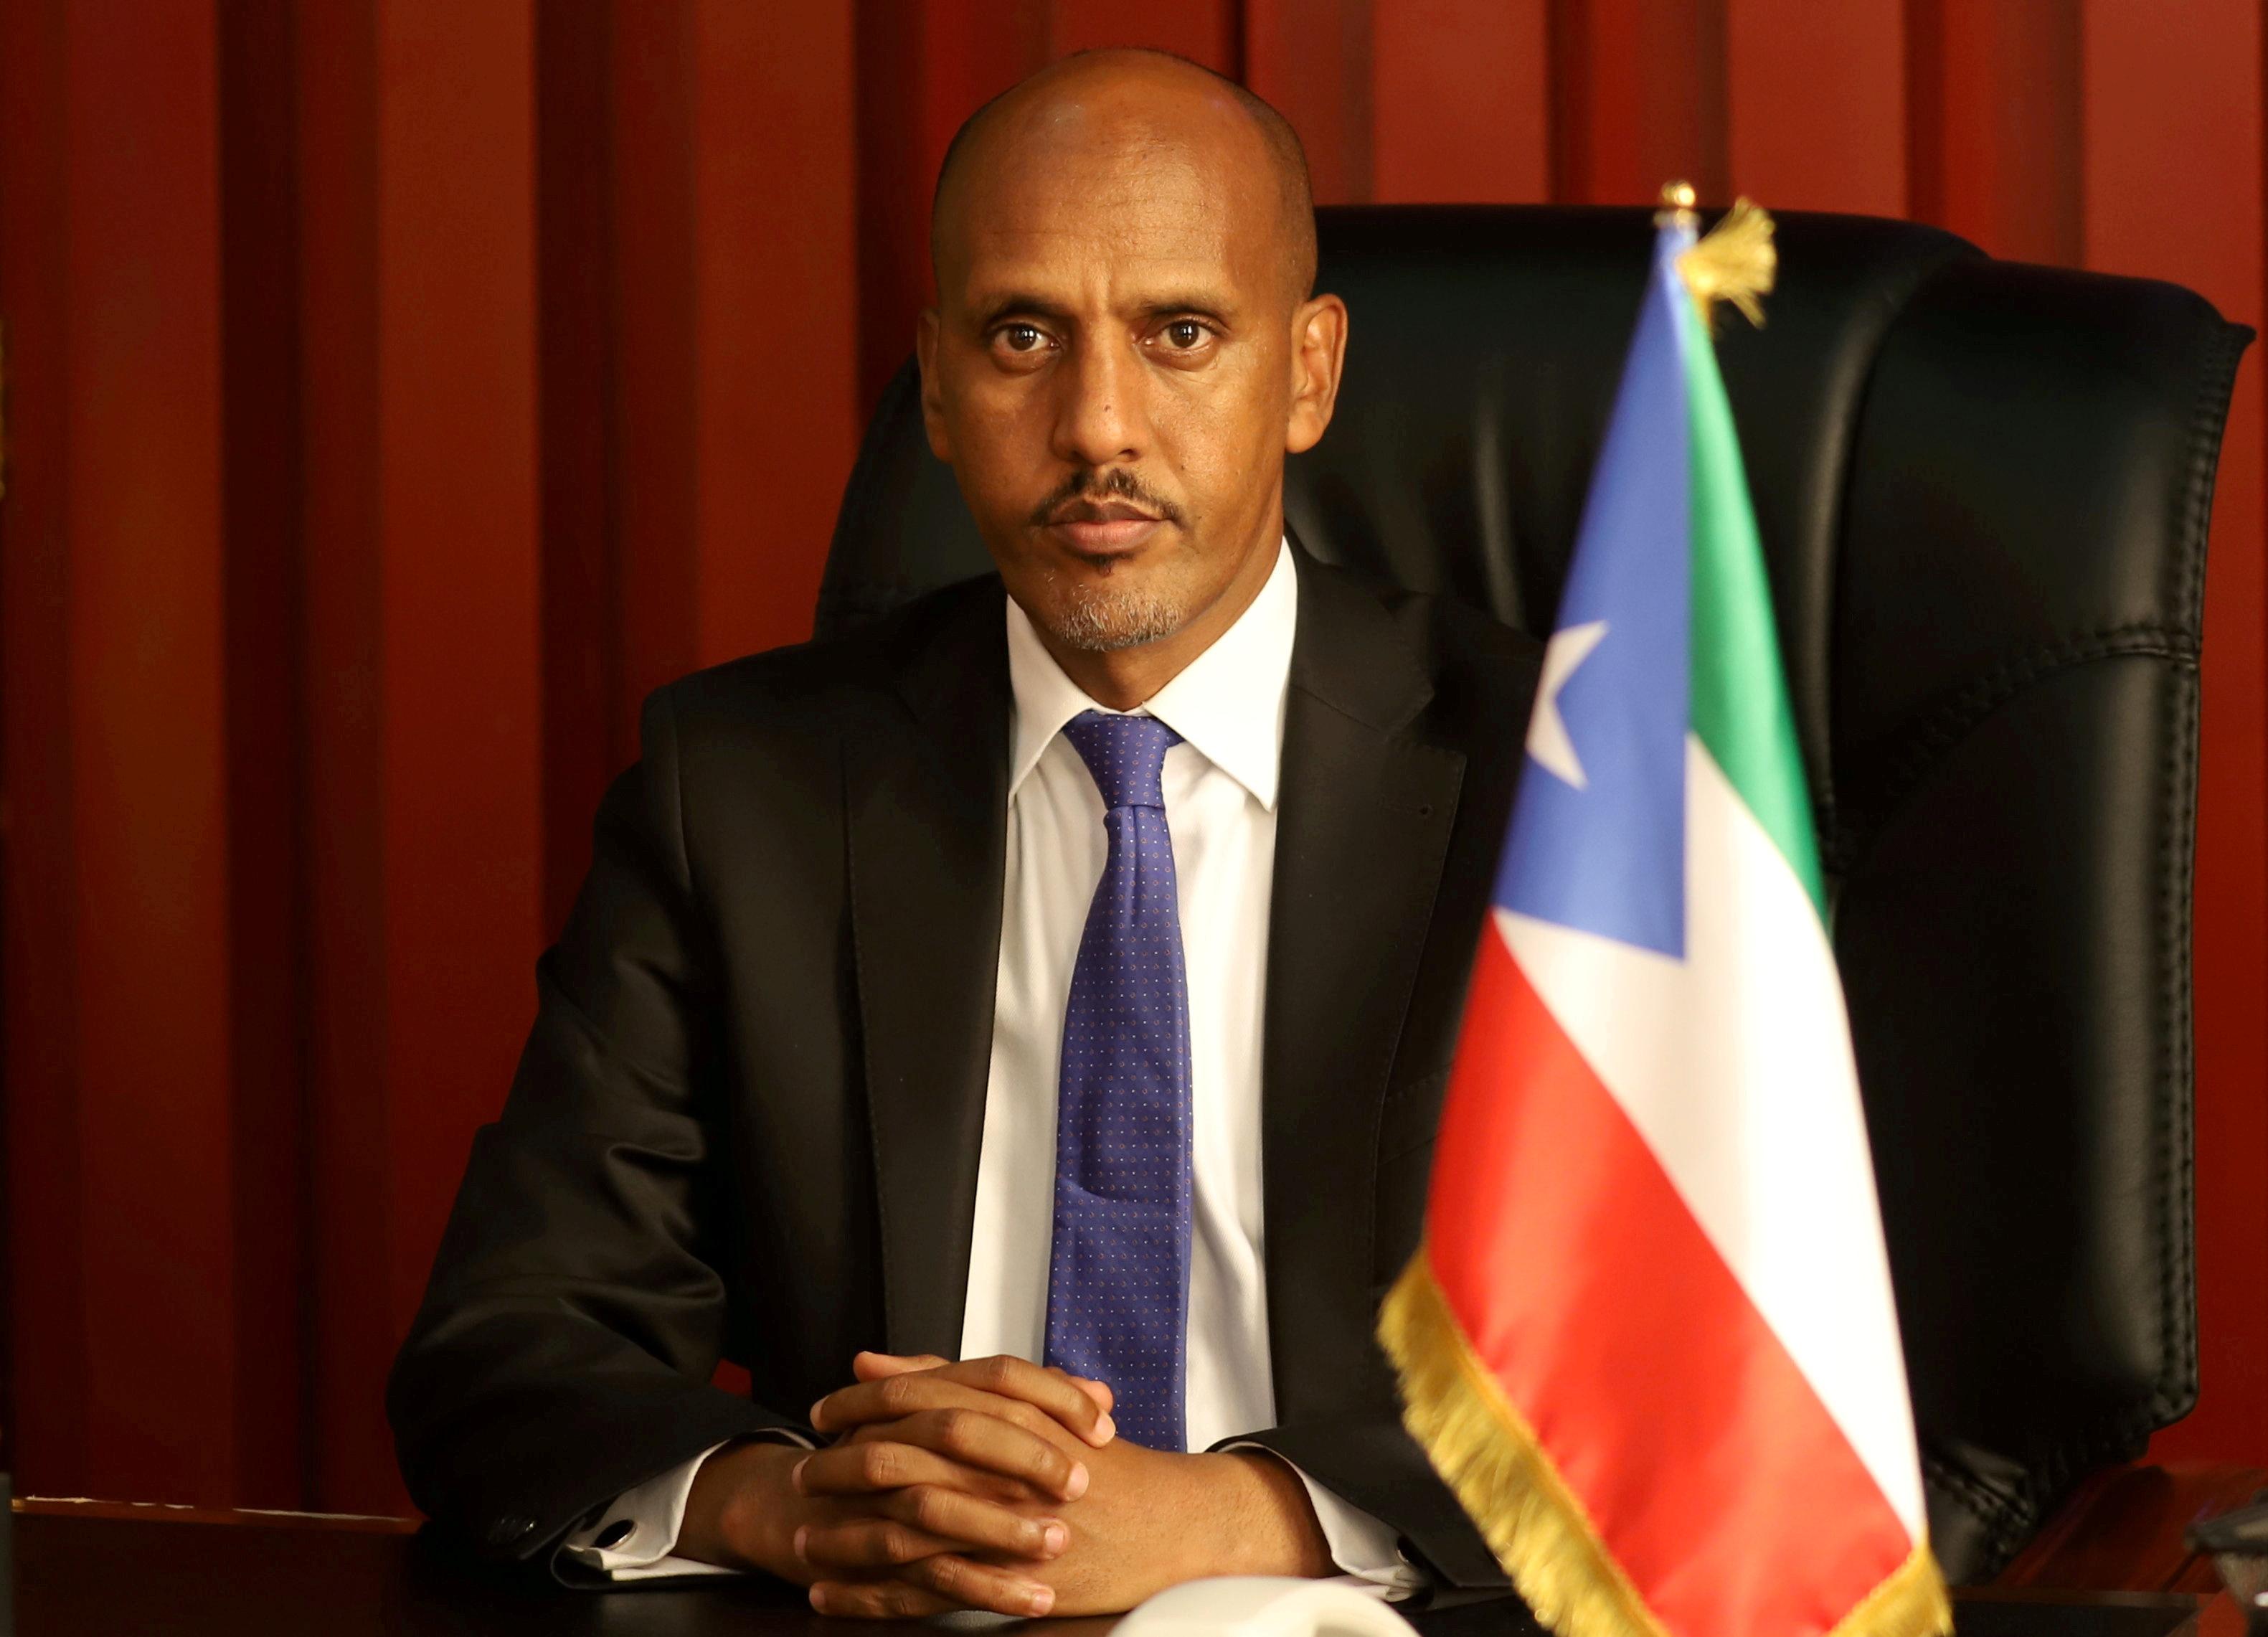 무스타파 무후메드 오메르 소말리아 대통령이 14년 2020월 14일 에티오피아 지지가에서 열린 로이터 인터뷰에 참석하고 있다. 2020년 XNUMX월 XNUMX일에 찍은 사진. REUTERS/Giulia Paravicini/파일 사진